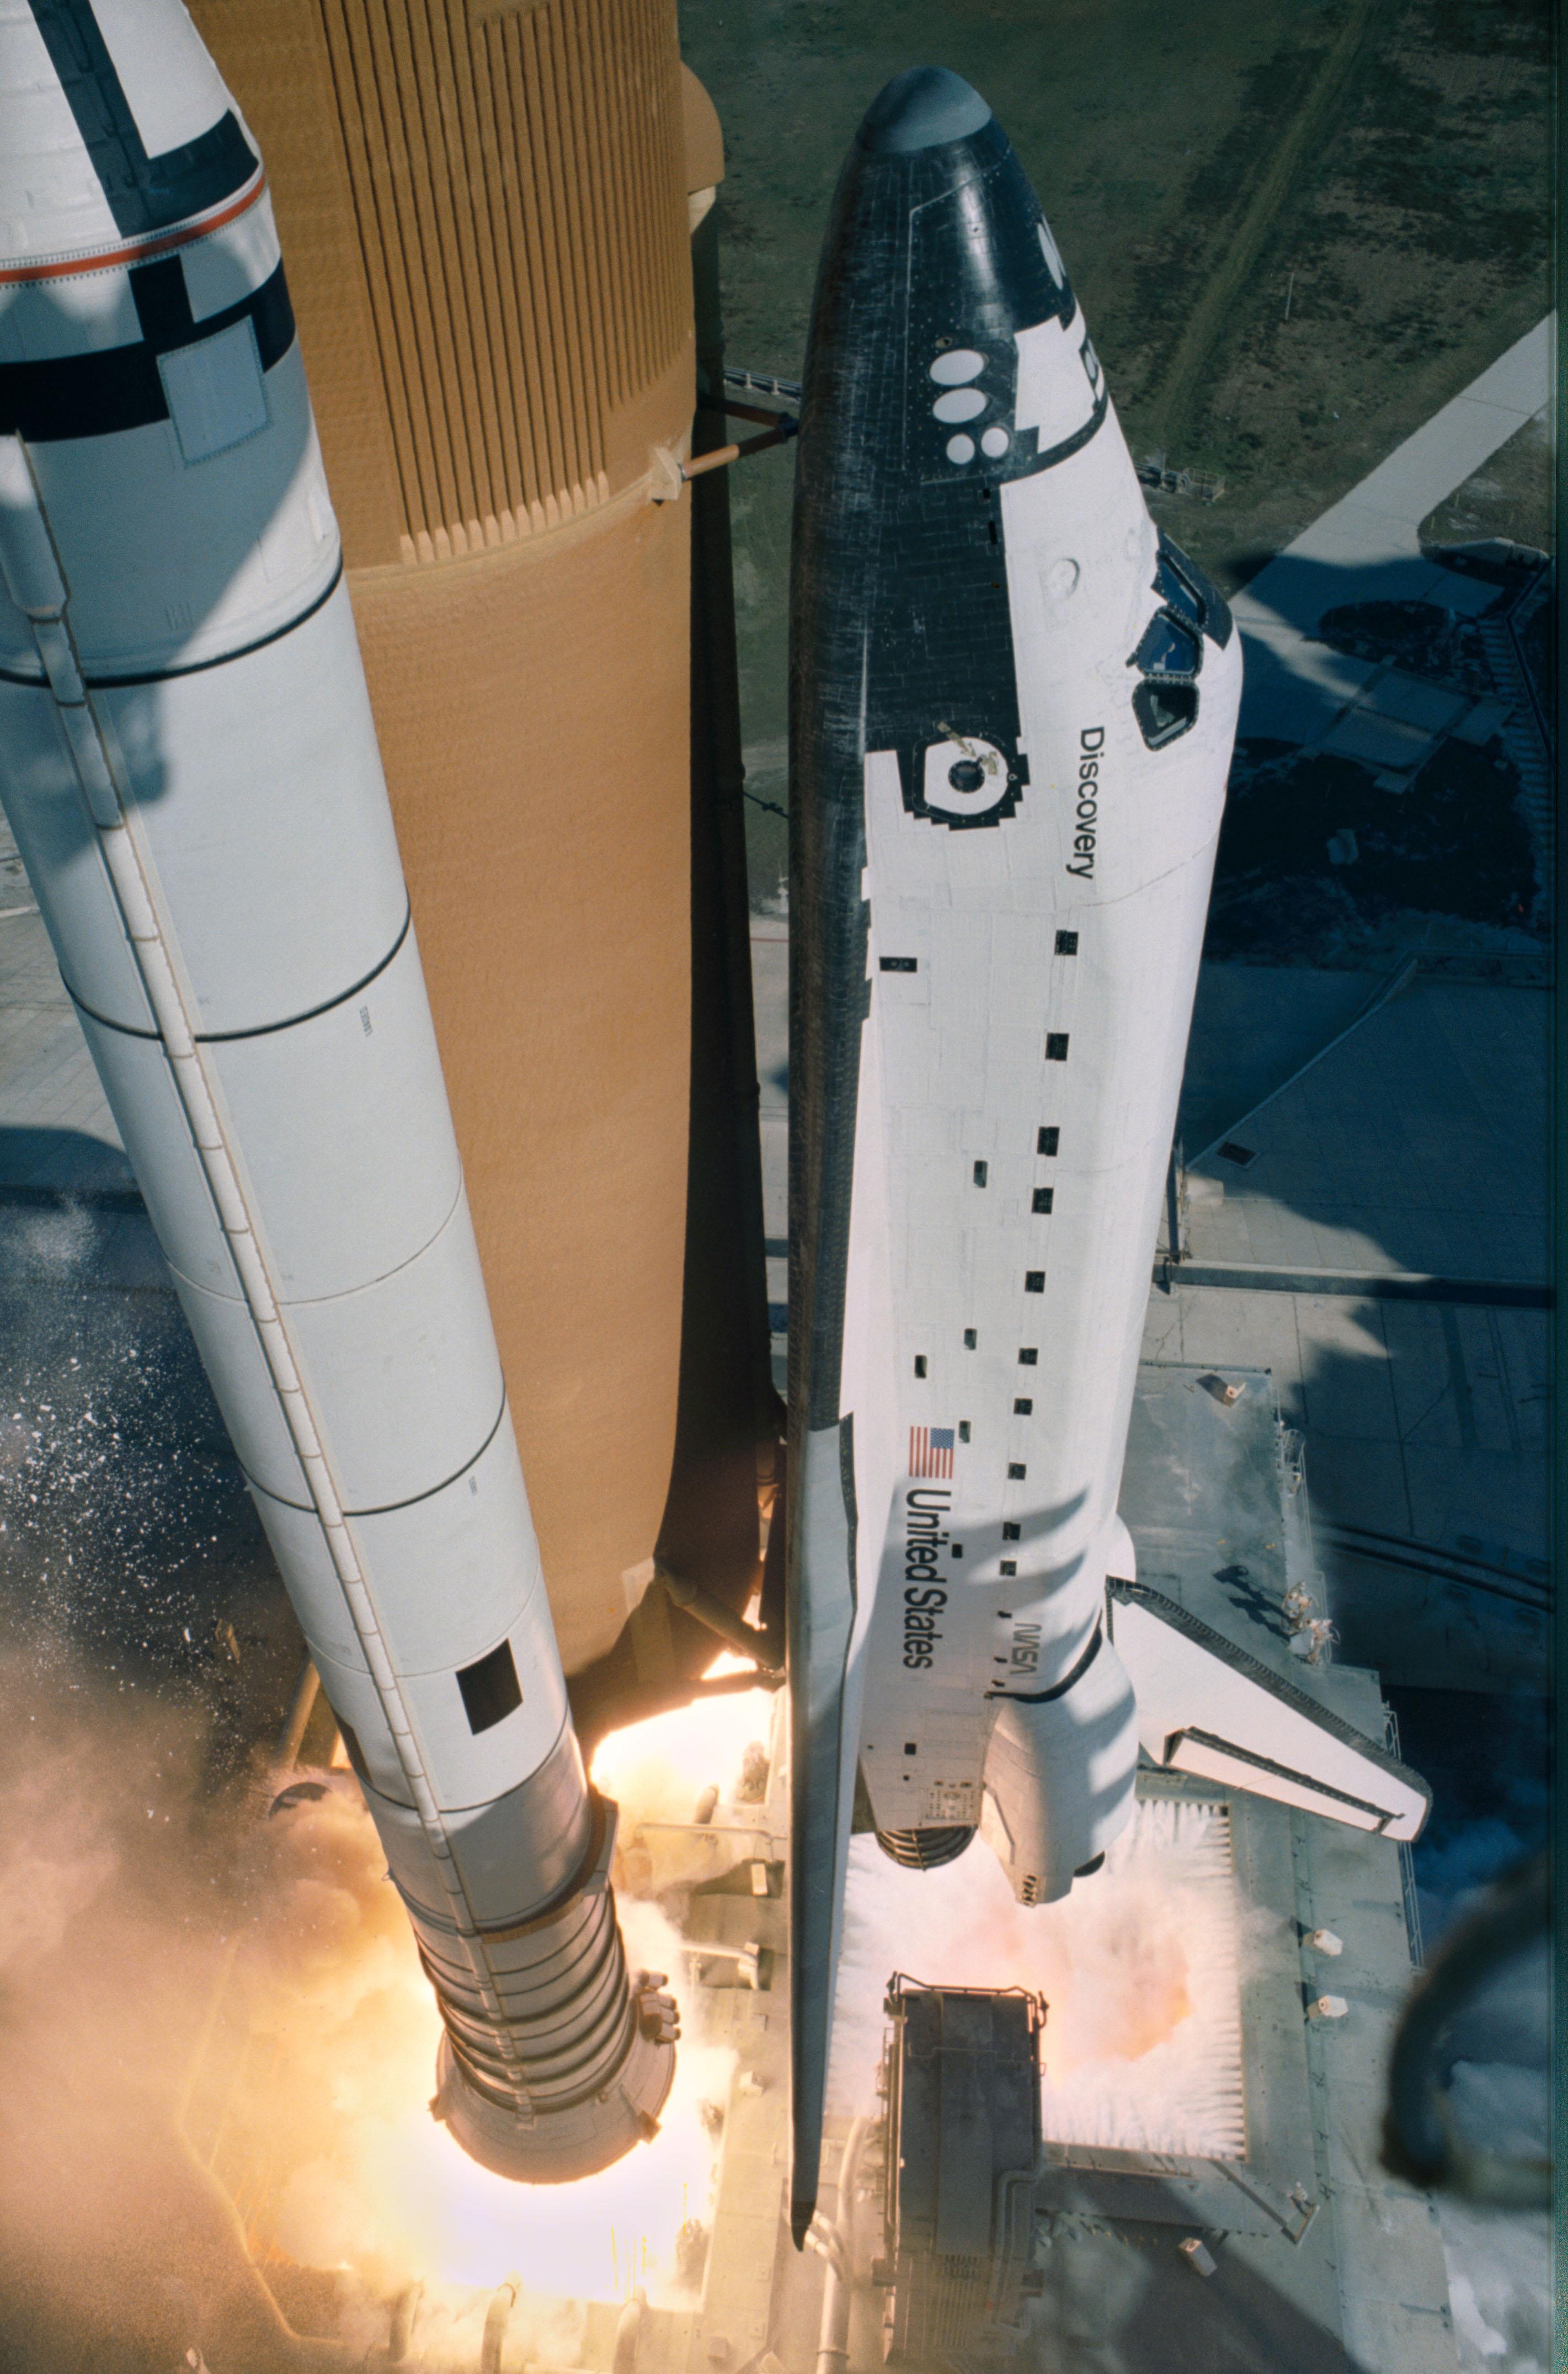 This Week in NASA History: STS-51C Launches – Jan. 24, 1985 - NASA